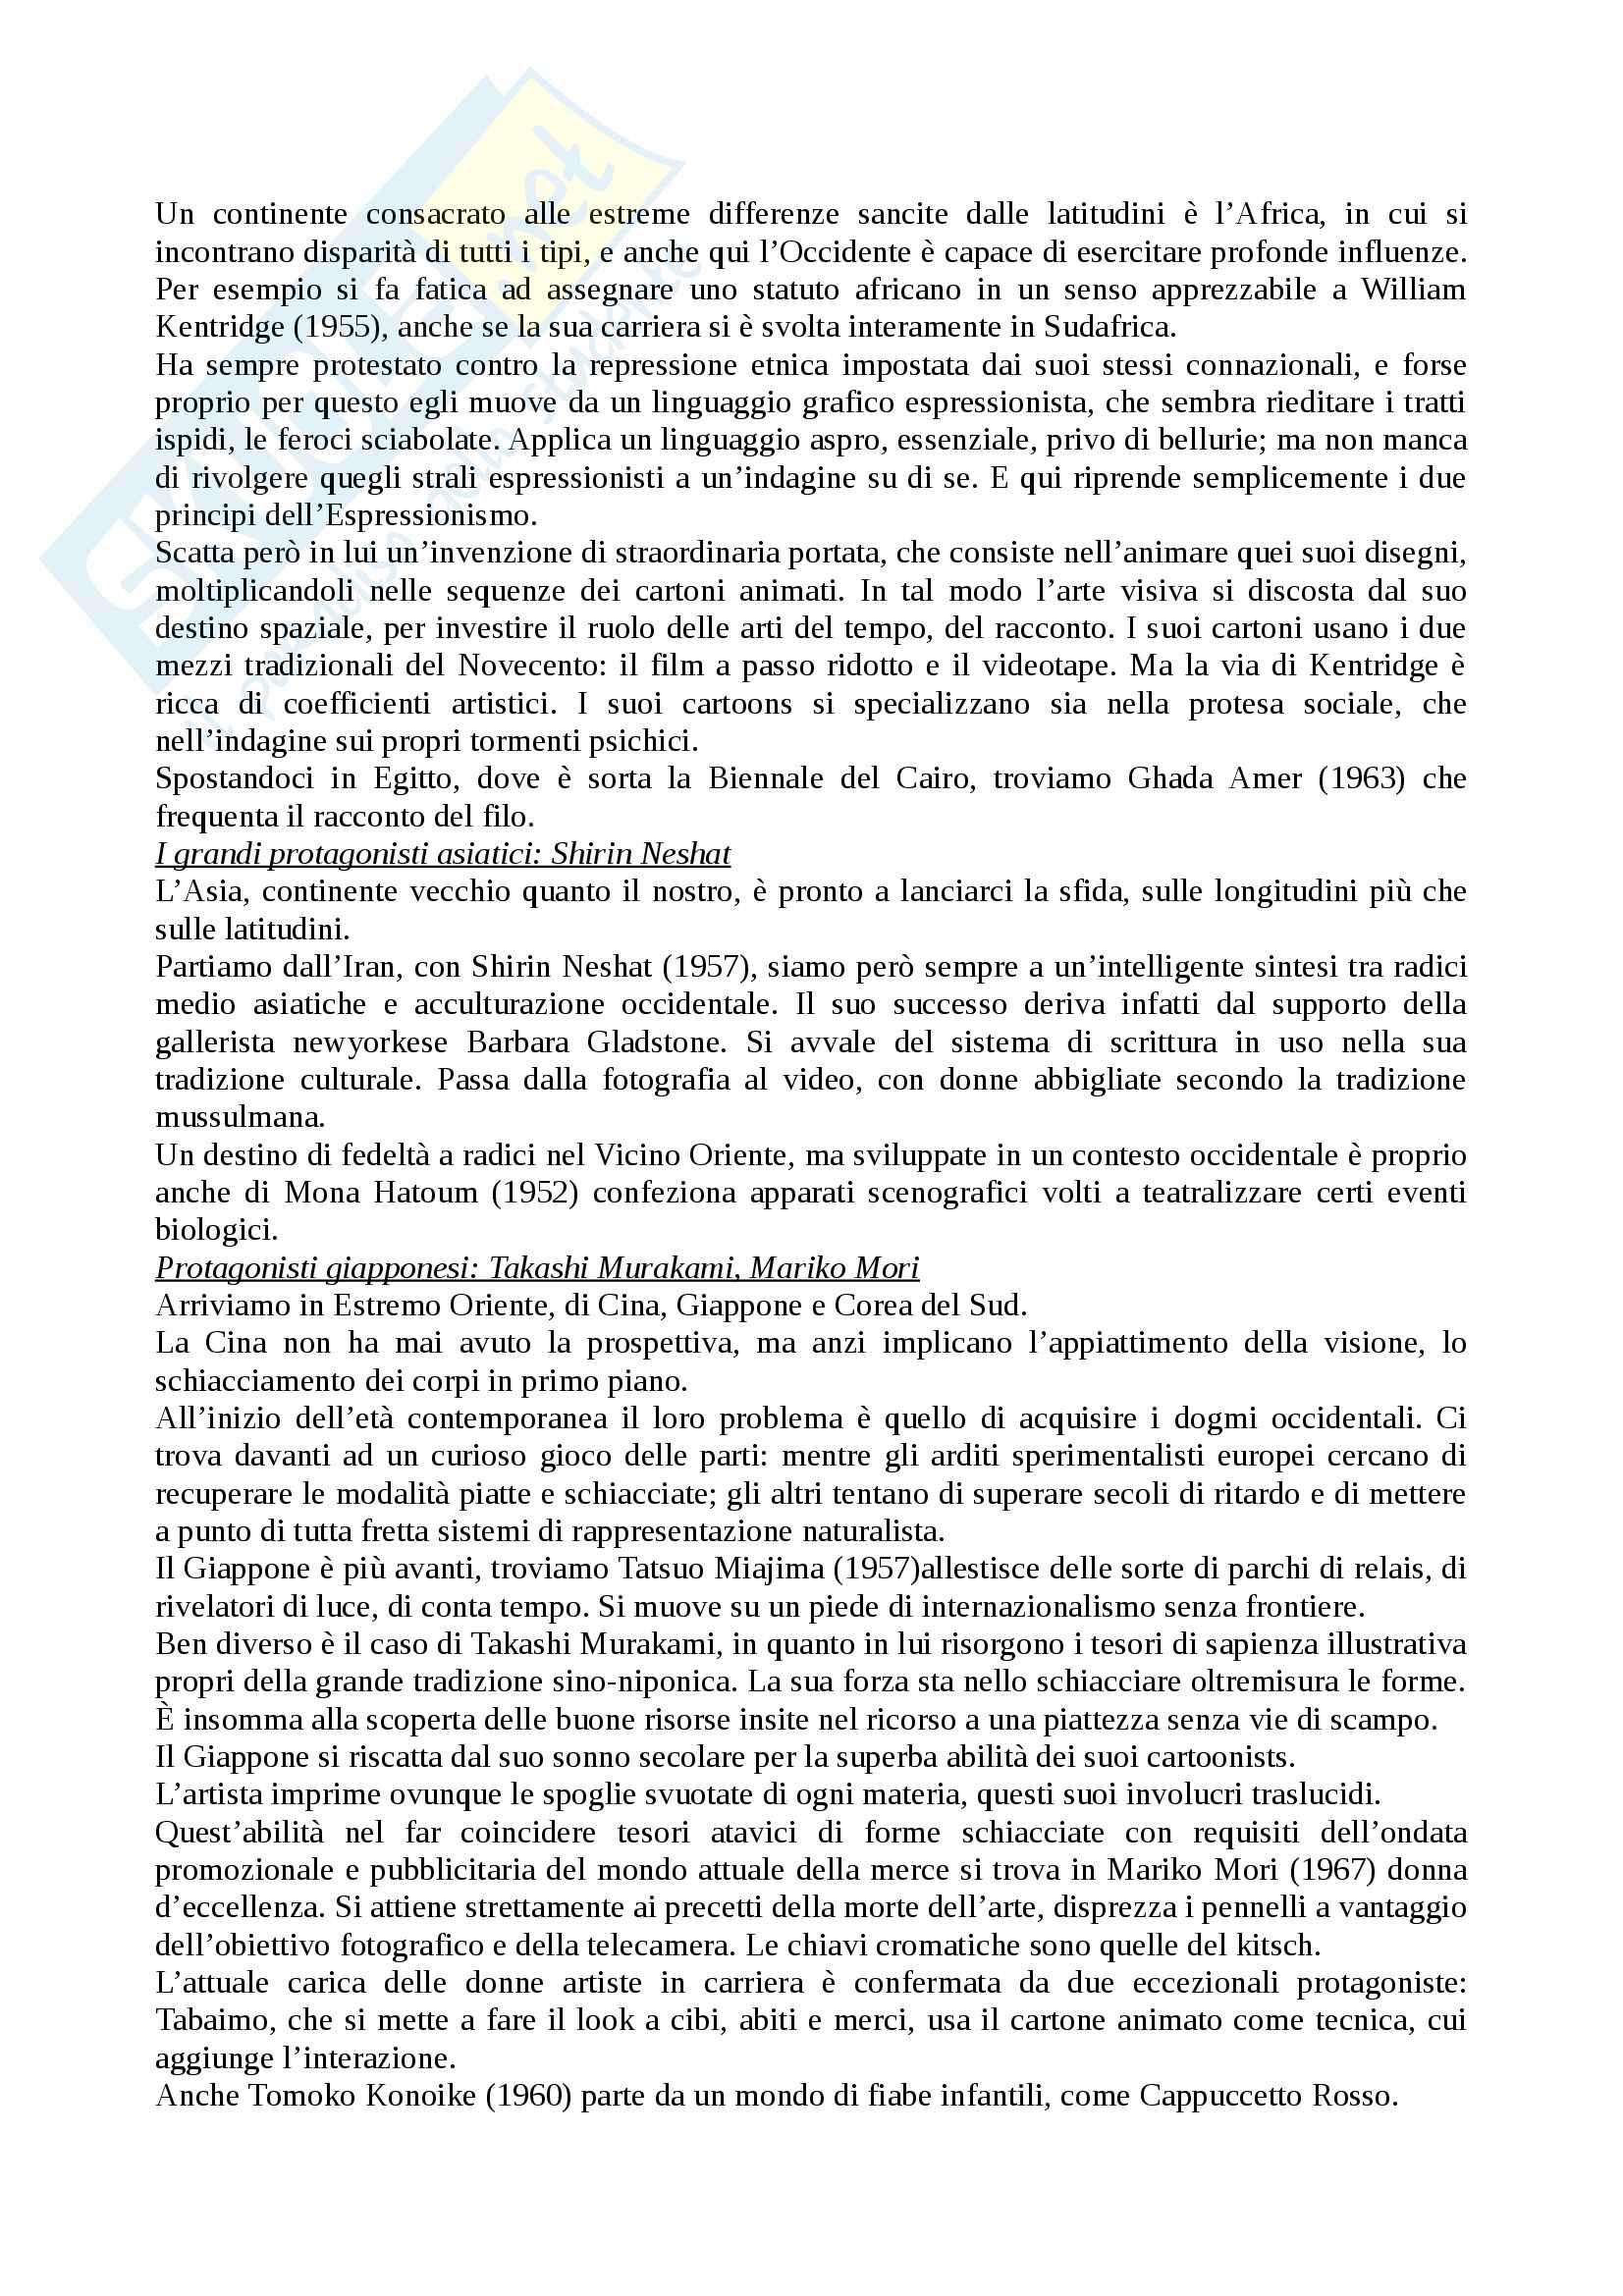 Riassunto esame storia e critica dell'arte contemporanea, docente Trione, libro consigliato Prima e dopo il 2000, Renato Barilli Pag. 21